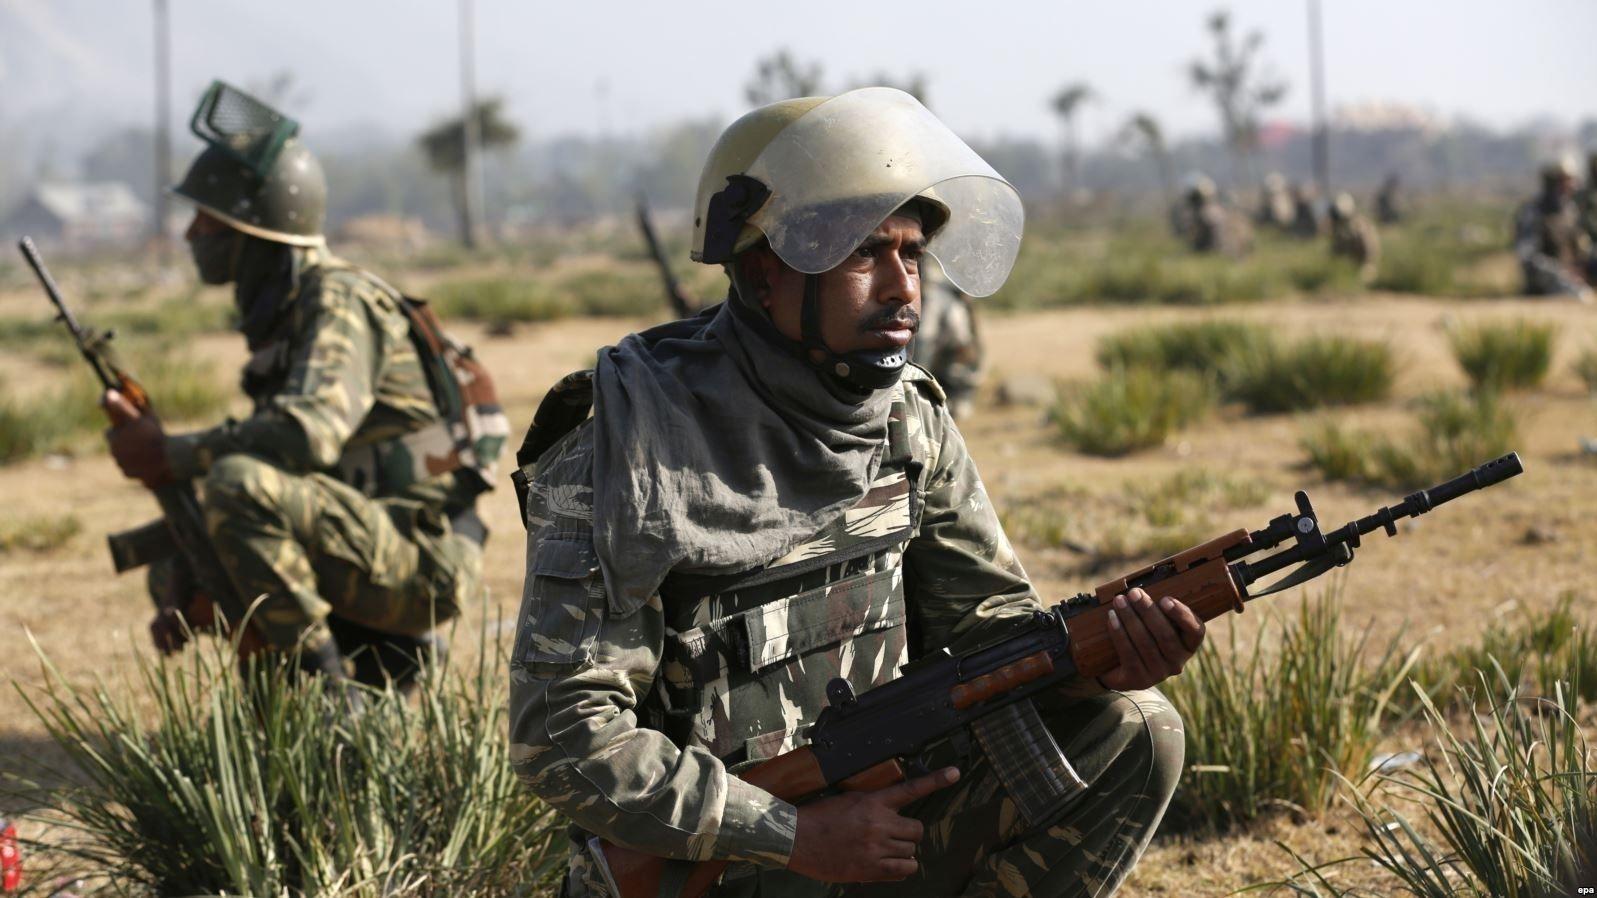 Дараалсан террорист халдлагуудын дараа Пакистан улс элчин сайдаа Энэтхэгээс дууджээ